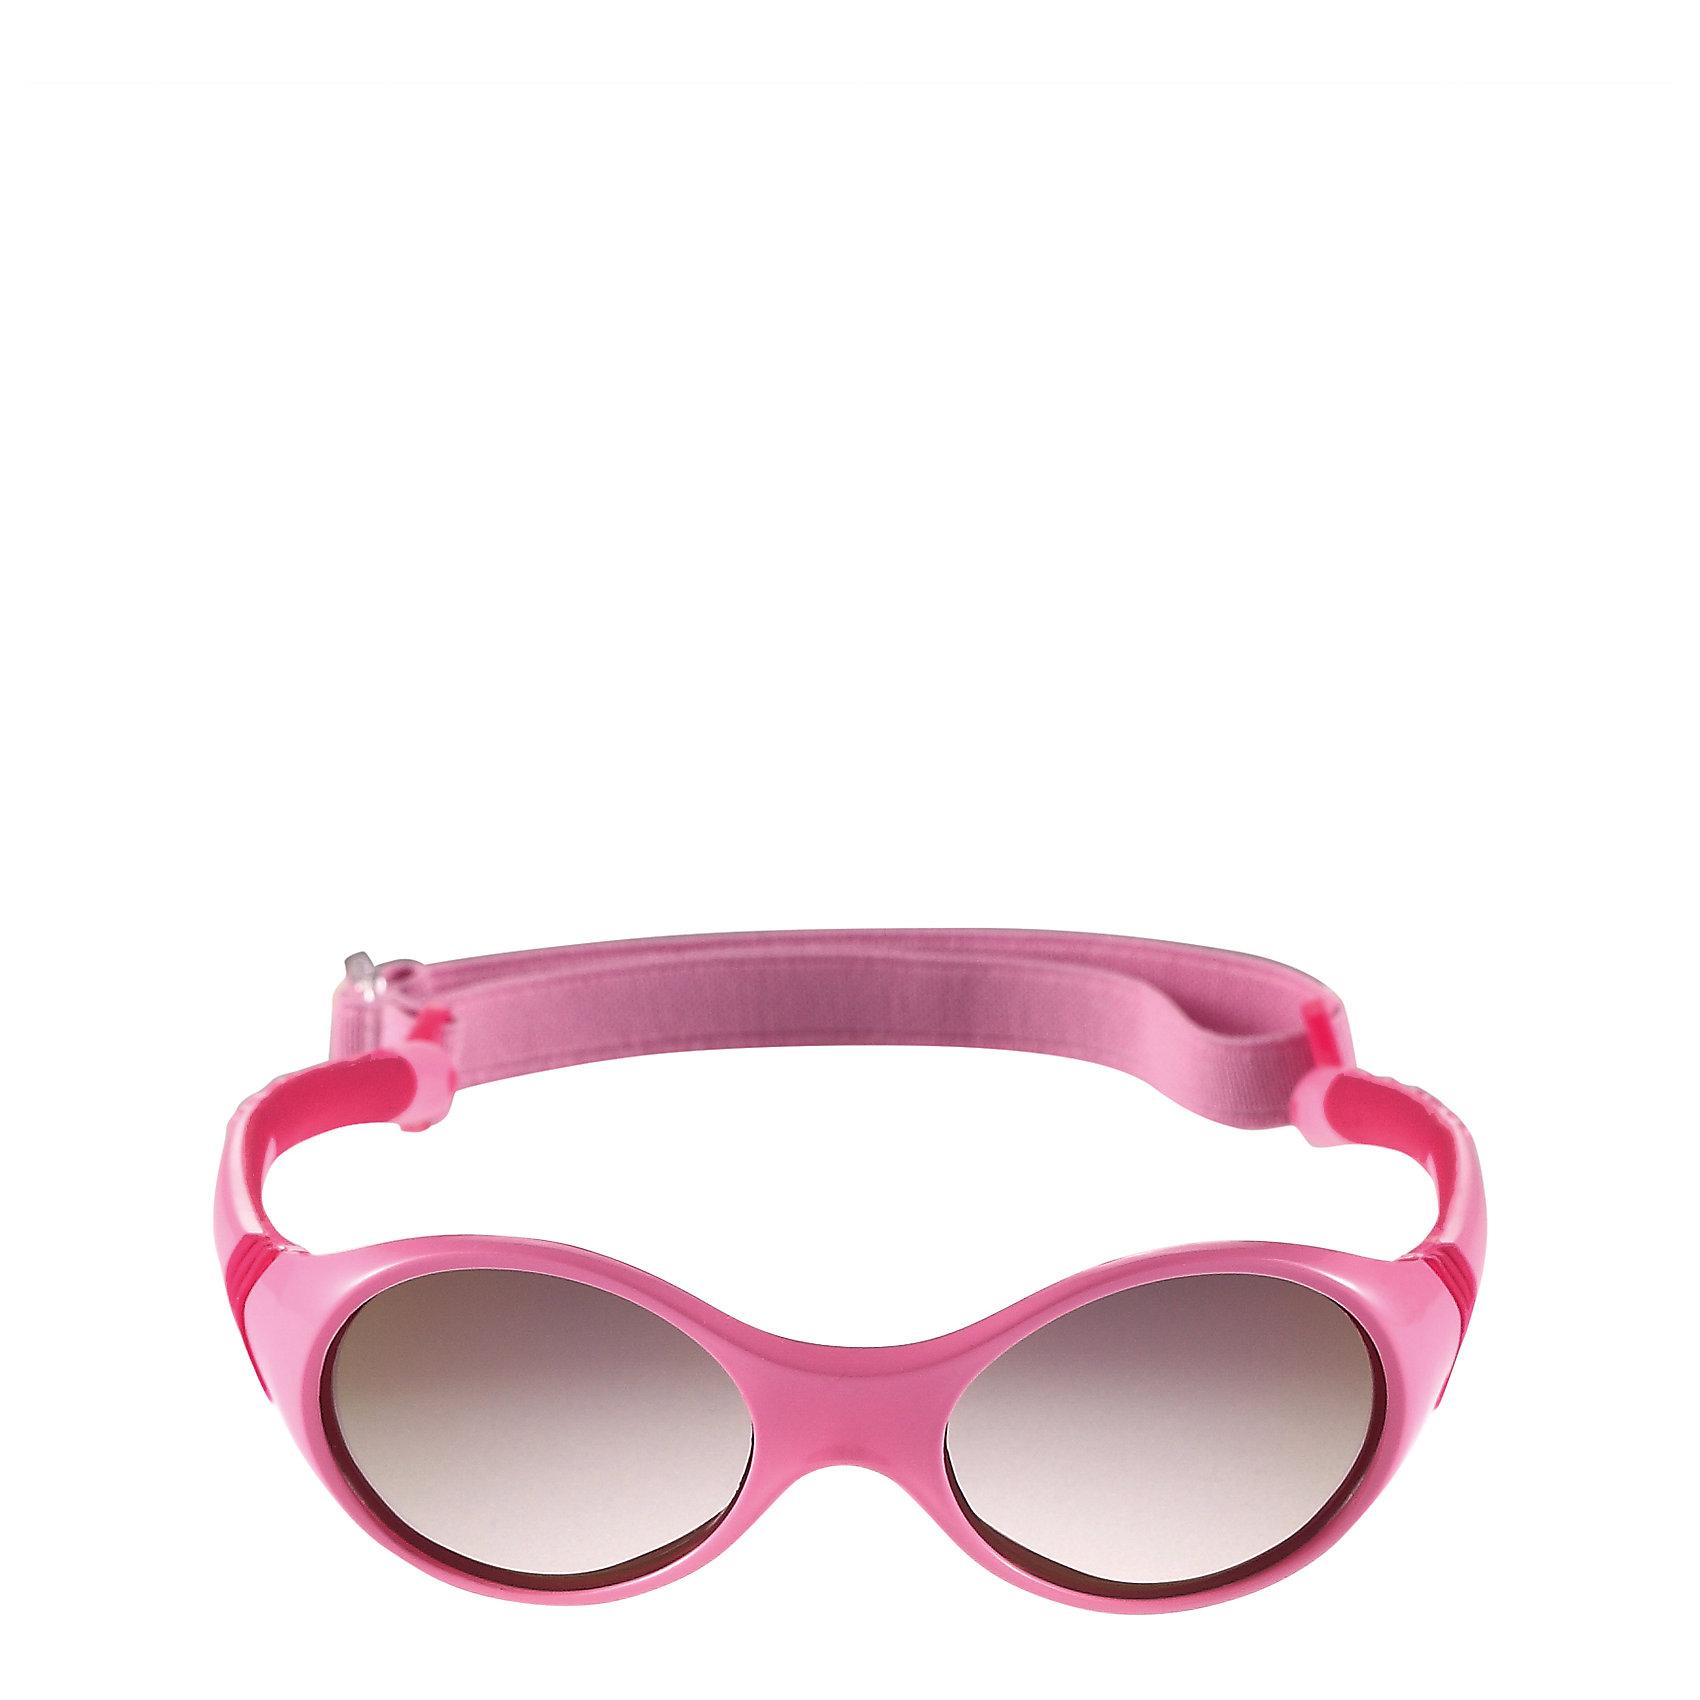 Солнцезащитные очки Ankka для девочки ReimaСолнцезащитные очки<br>Характеристики товара:<br><br>• цвет: розовый<br>• состав: оправа - TPEE/TPR/TR90/Резина, линзы - PC<br>• возраст: 0+<br>• 3 степень УФА + УФВ защиты<br>• съёмная эластичная резинка<br>• поляризованные зеркальные линзы<br>• обработка противотуманным покрытием<br>• мягкая и эластичная оправа <br>• защитный чехол в комплекте<br>• регулируемый размер<br>• европейский сертификат соответствия<br>• защита от ультрафиолетовых лучей спектра A и спектра B класса 5<br>• страна производства: Китай<br>• страна бренда: Финляндия<br>• коллекция: весна-лето 2017<br><br>Специальные очки помогут уберечь глаза детей от повреждения прямыми солнечными лучами. Эта модель разрабатывалась для малышей - у неё мягкая оправа с очень комфортной посадкой, зеркальные линзы со специальной обработкой, есть защитный чехол. Очки не только хорошо проработаны, они стильно смотрятся!<br><br>Обувь и одежда от финского бренда Reima пользуются популярностью во многих странах. Они стильные, качественные и удобные. Для производства продукции используются только безопасные, проверенные материалы и фурнитура.<br><br>Солнцезащитные очки для девочки от финского бренда Reima (Рейма) можно купить в нашем интернет-магазине.<br><br>Ширина мм: 170<br>Глубина мм: 157<br>Высота мм: 67<br>Вес г: 117<br>Цвет: розовый<br>Возраст от месяцев: 48<br>Возраст до месяцев: 72<br>Пол: Женский<br>Возраст: Детский<br>Размер: one size<br>SKU: 5266114